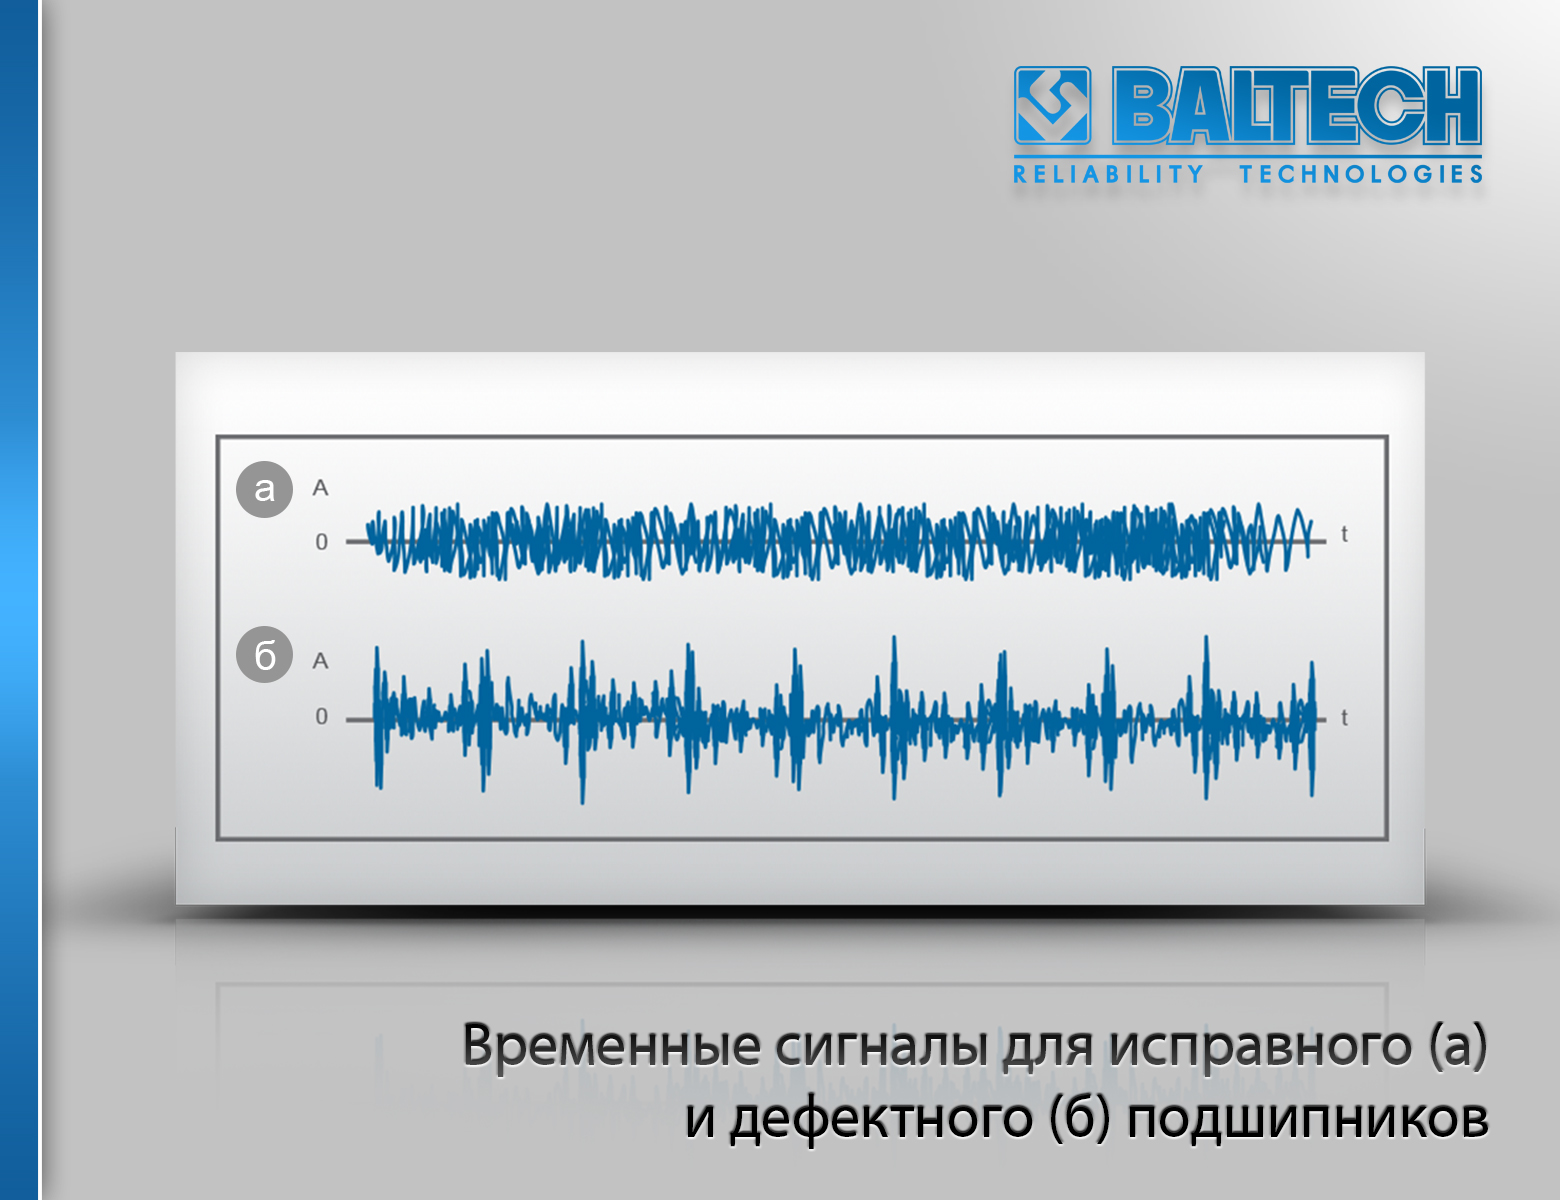 Временные сигналы для исправного (а) и дефектного (б) подшипников, анализ вибрации, спектральный анализ вибрации